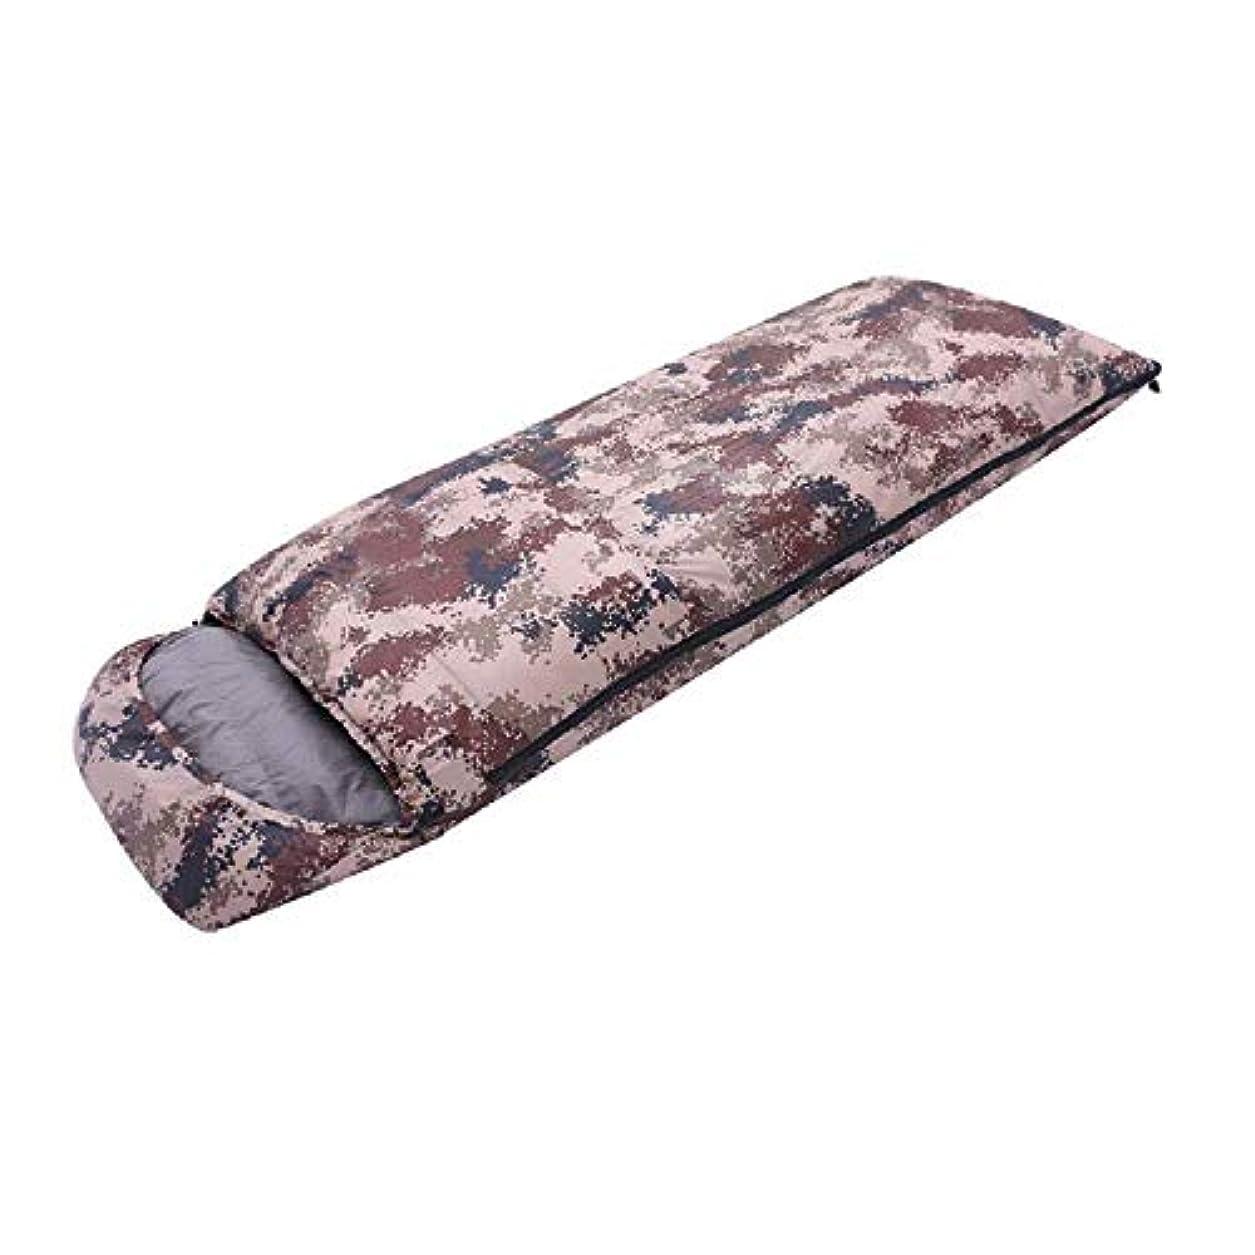 神話アサート下るCATRP アウトドア寝袋、大人の秋と冬のステッチアヒルダウン寝袋、封筒型迷彩寝袋 (色 : A)